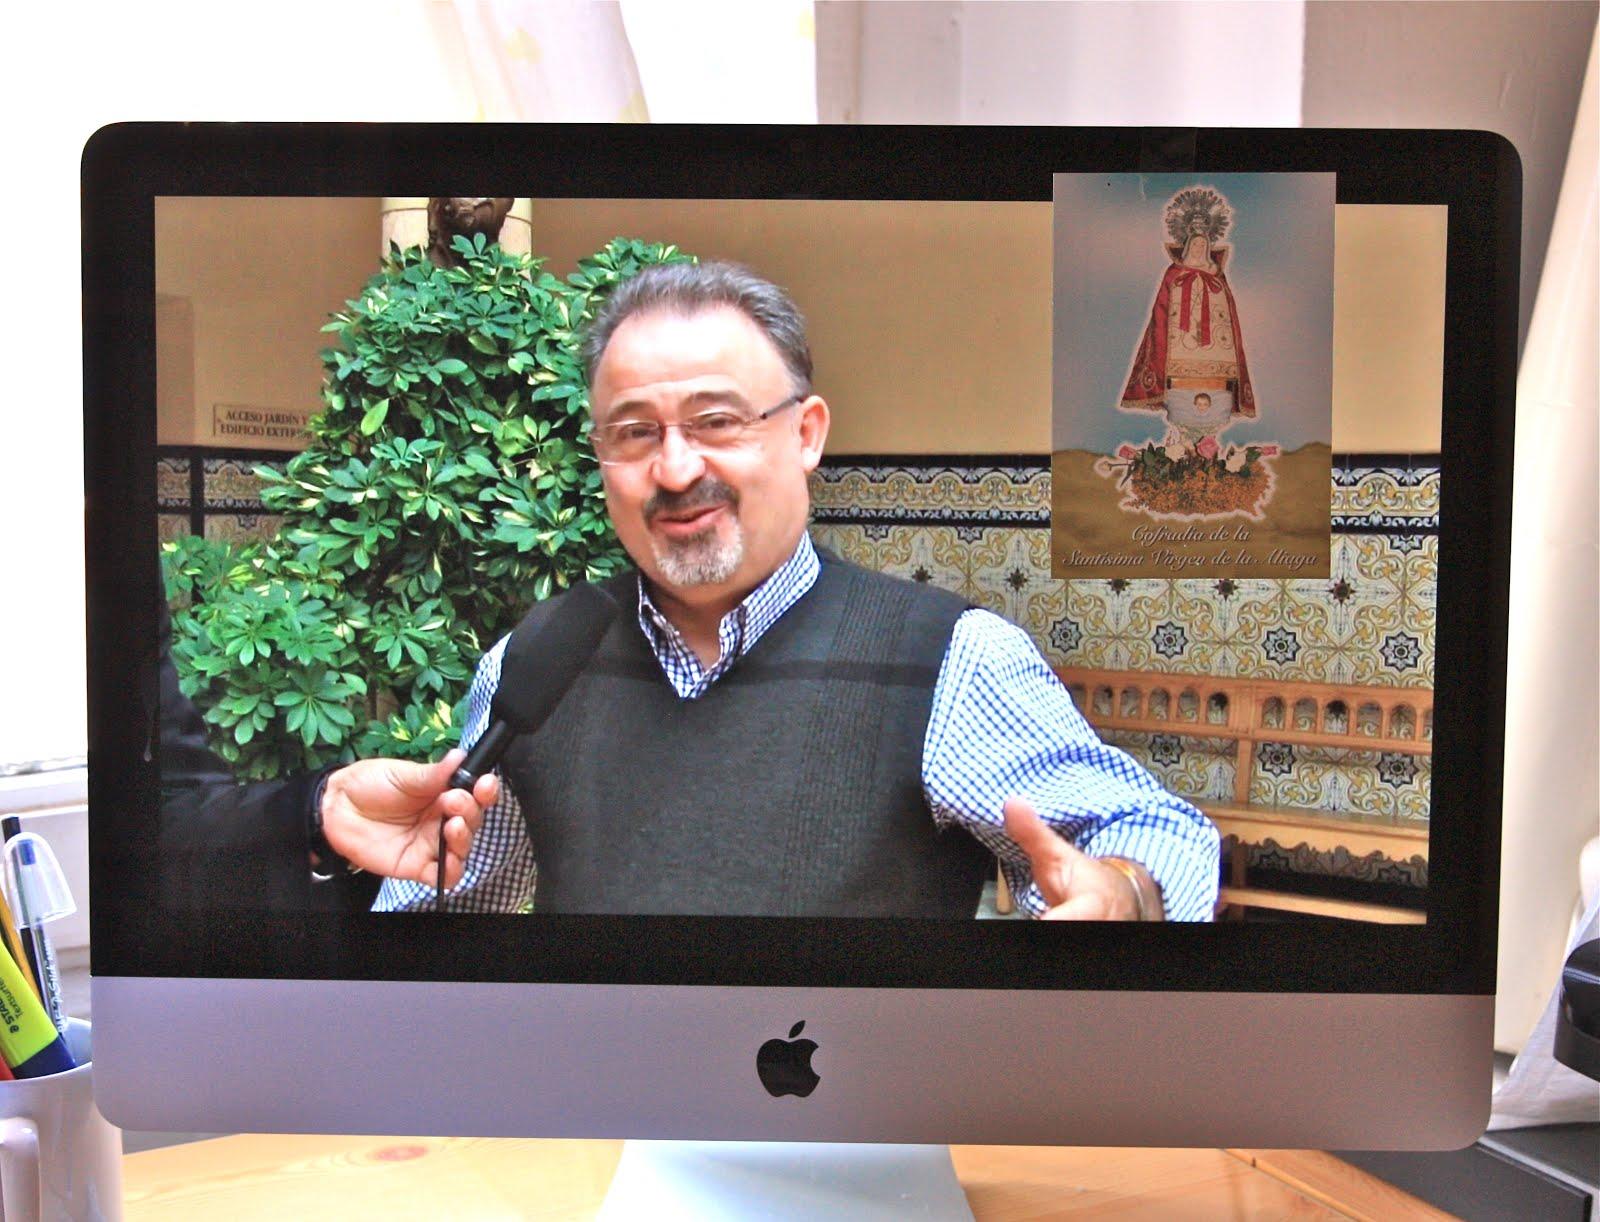 Entrevista al Ex-Rector del Santuario de Nuestra Señora de la Aliaga